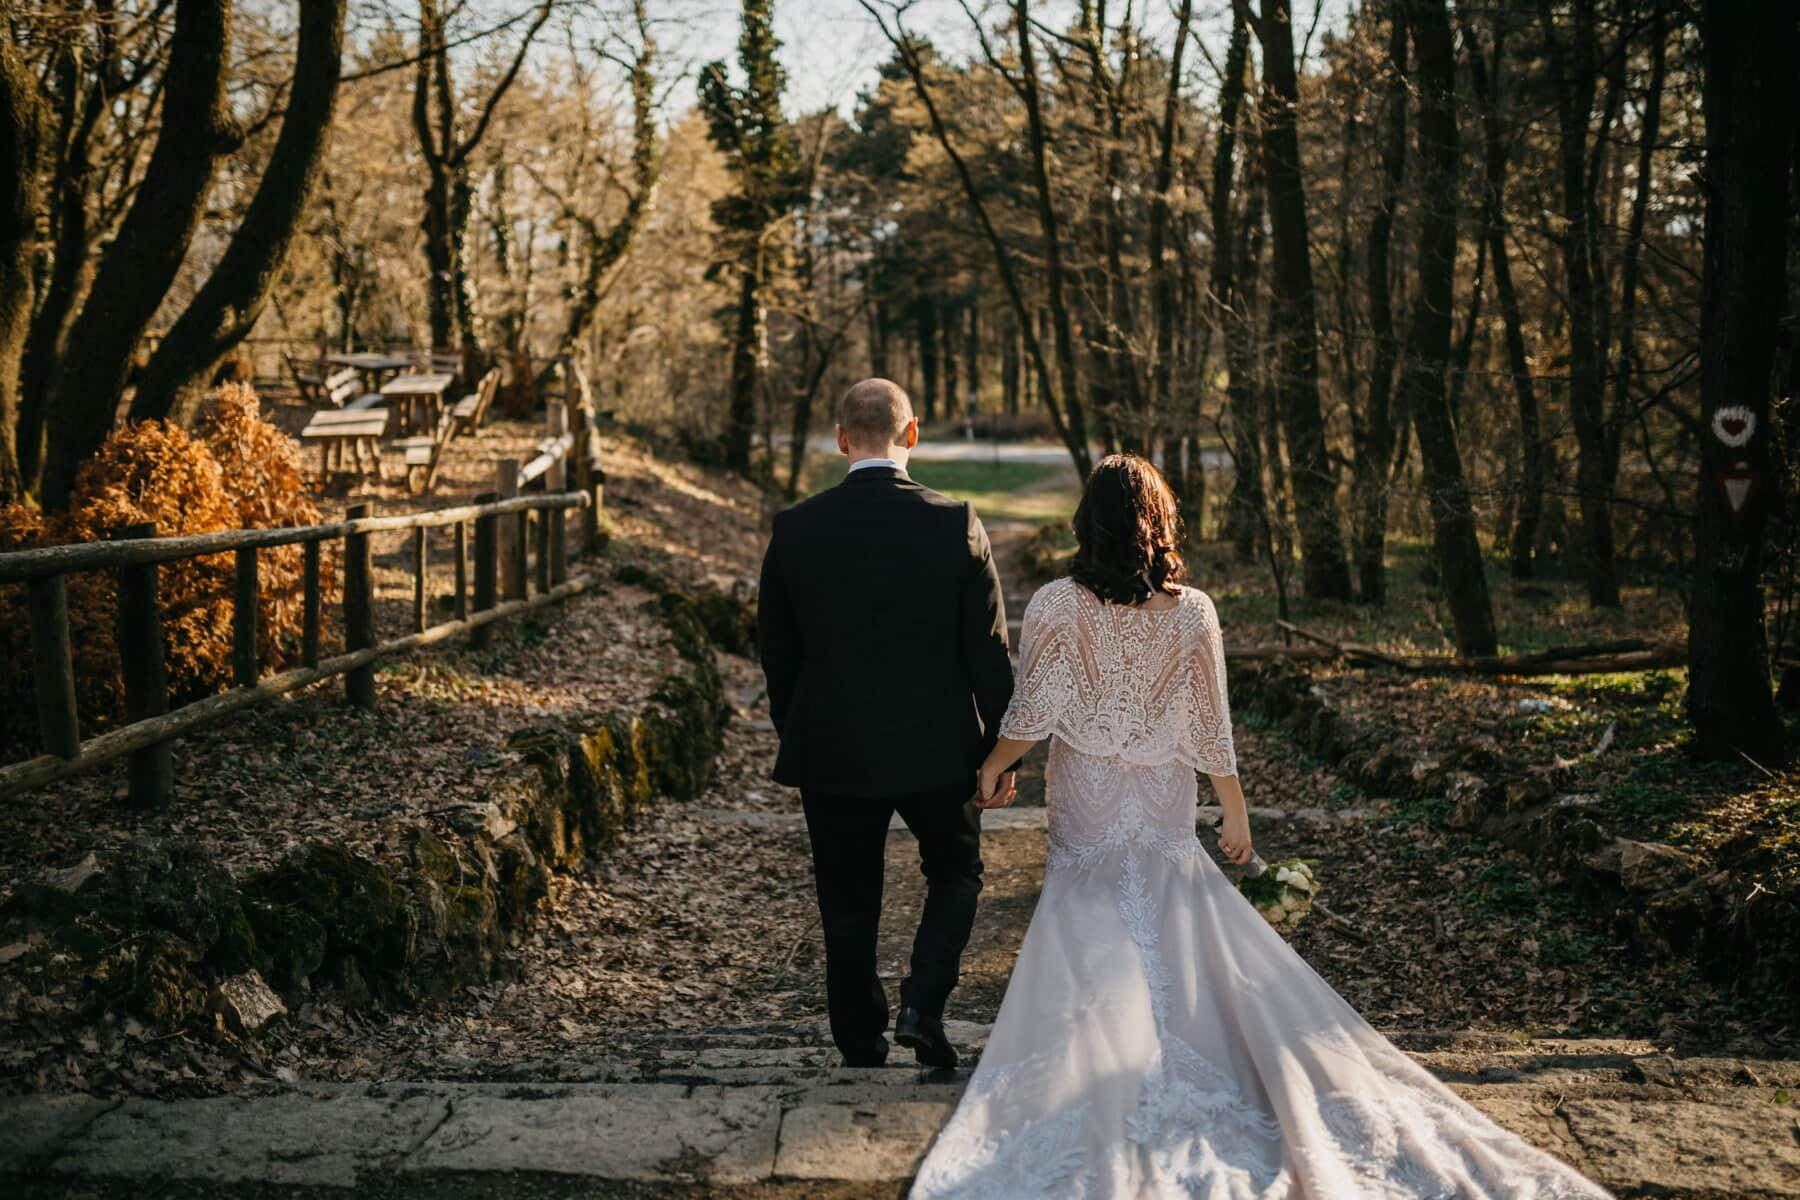 Abfahrt, Liebesbeziehung, Bräutigam, Fuß, Braut, Wanderung, Hochzeit, Liebe, Kleid, Mädchen